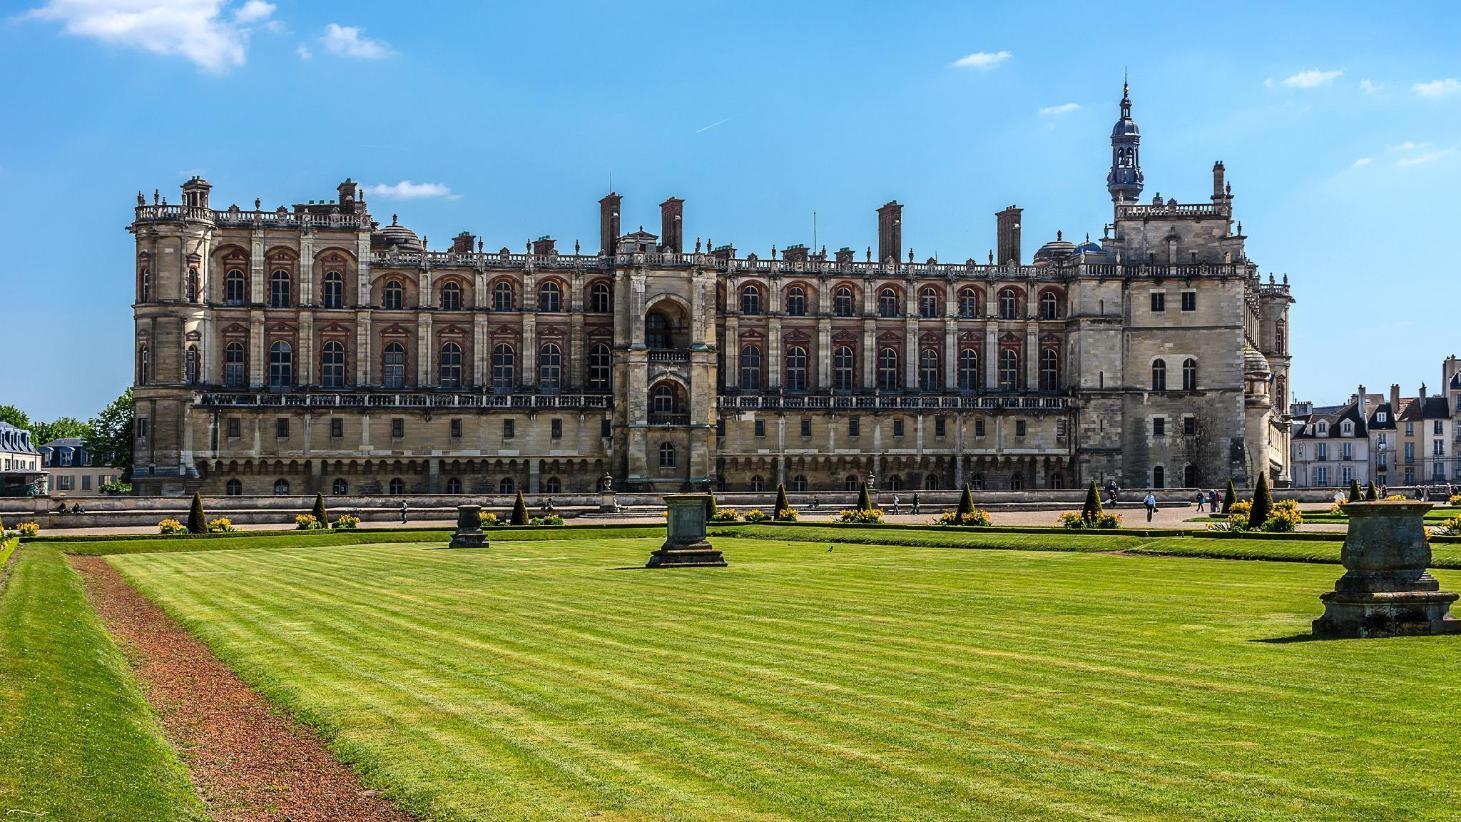 Home St Germain En Laye 10 best saint-germain-en-laye hotels: hd photos + reviews of